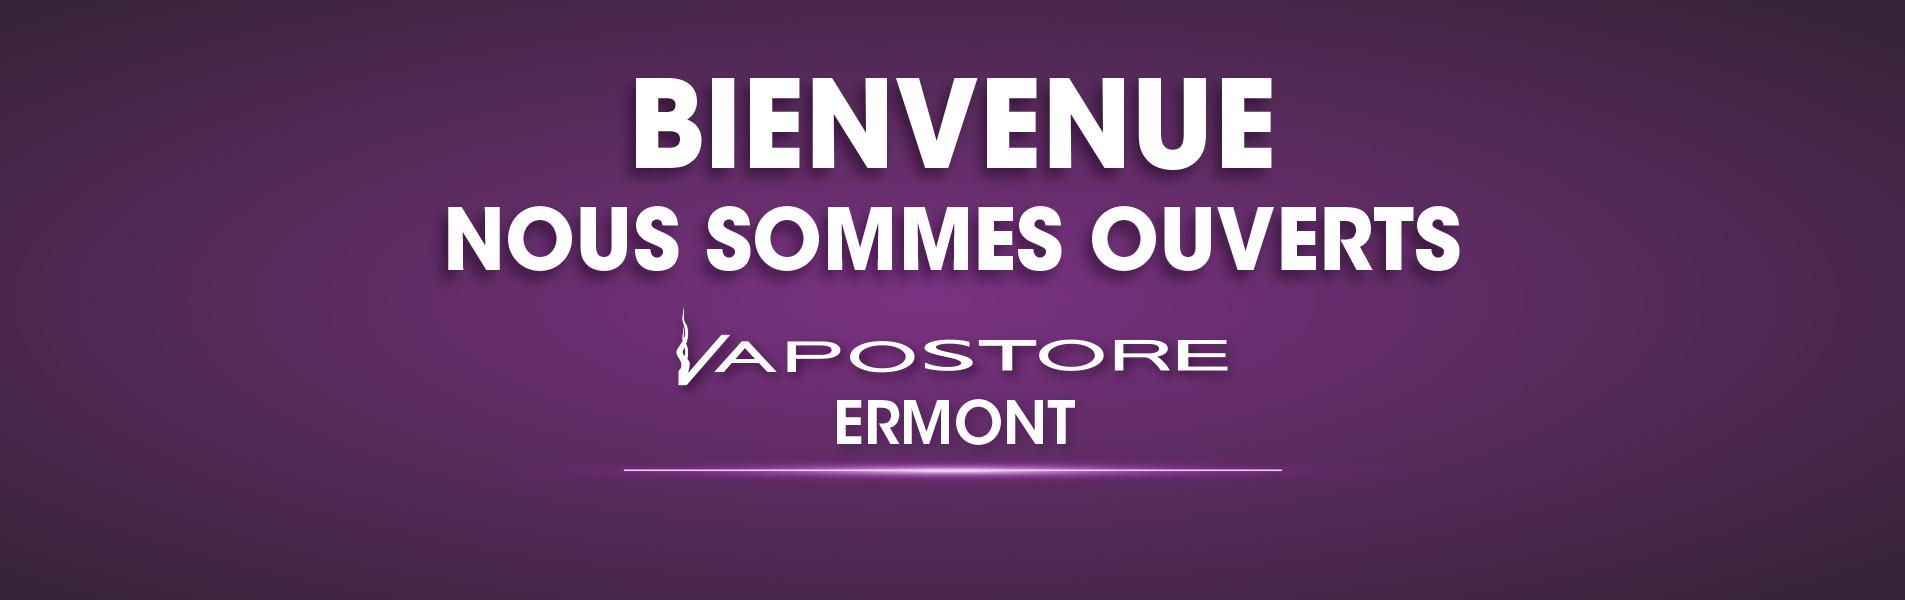 Ouverture boutique Vapostore Ermont